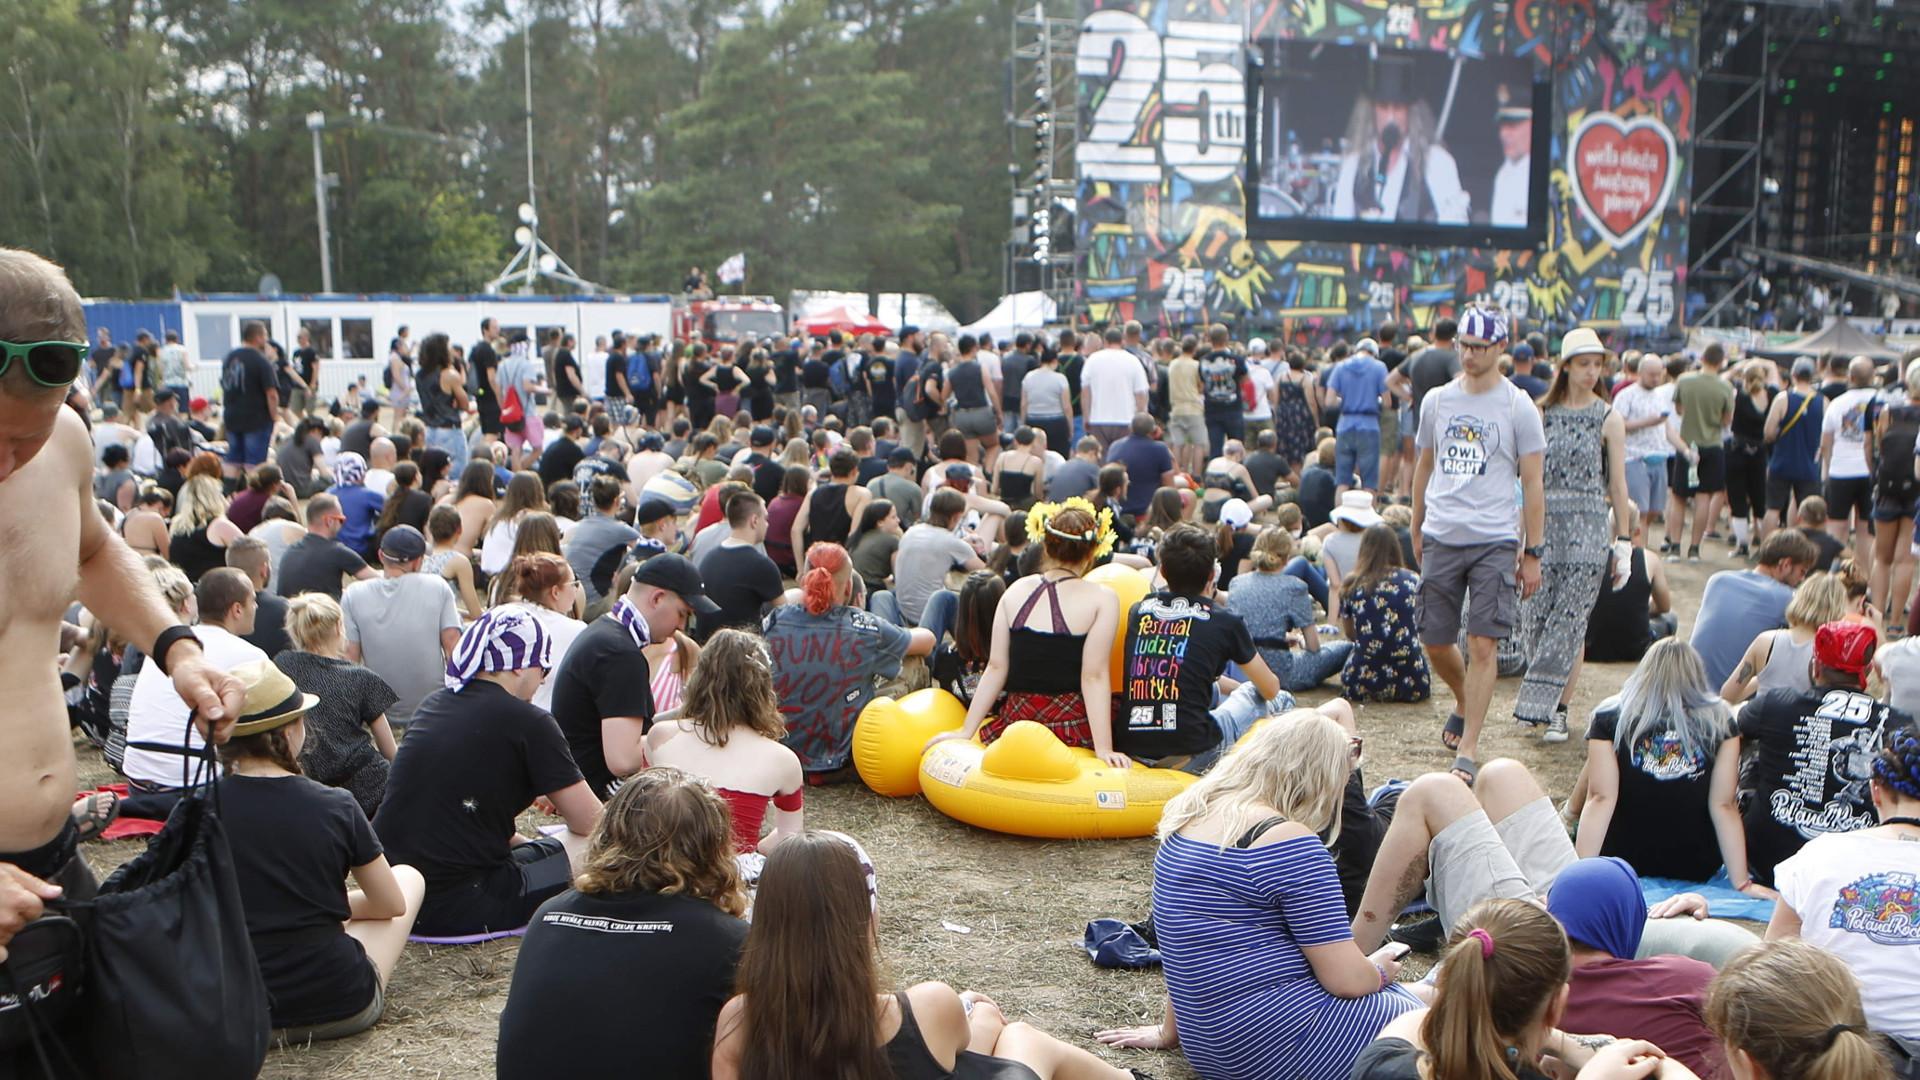 Śmierć na Pol'and'Rock Festival 2019 – znaleziono ciało drugiej osoby